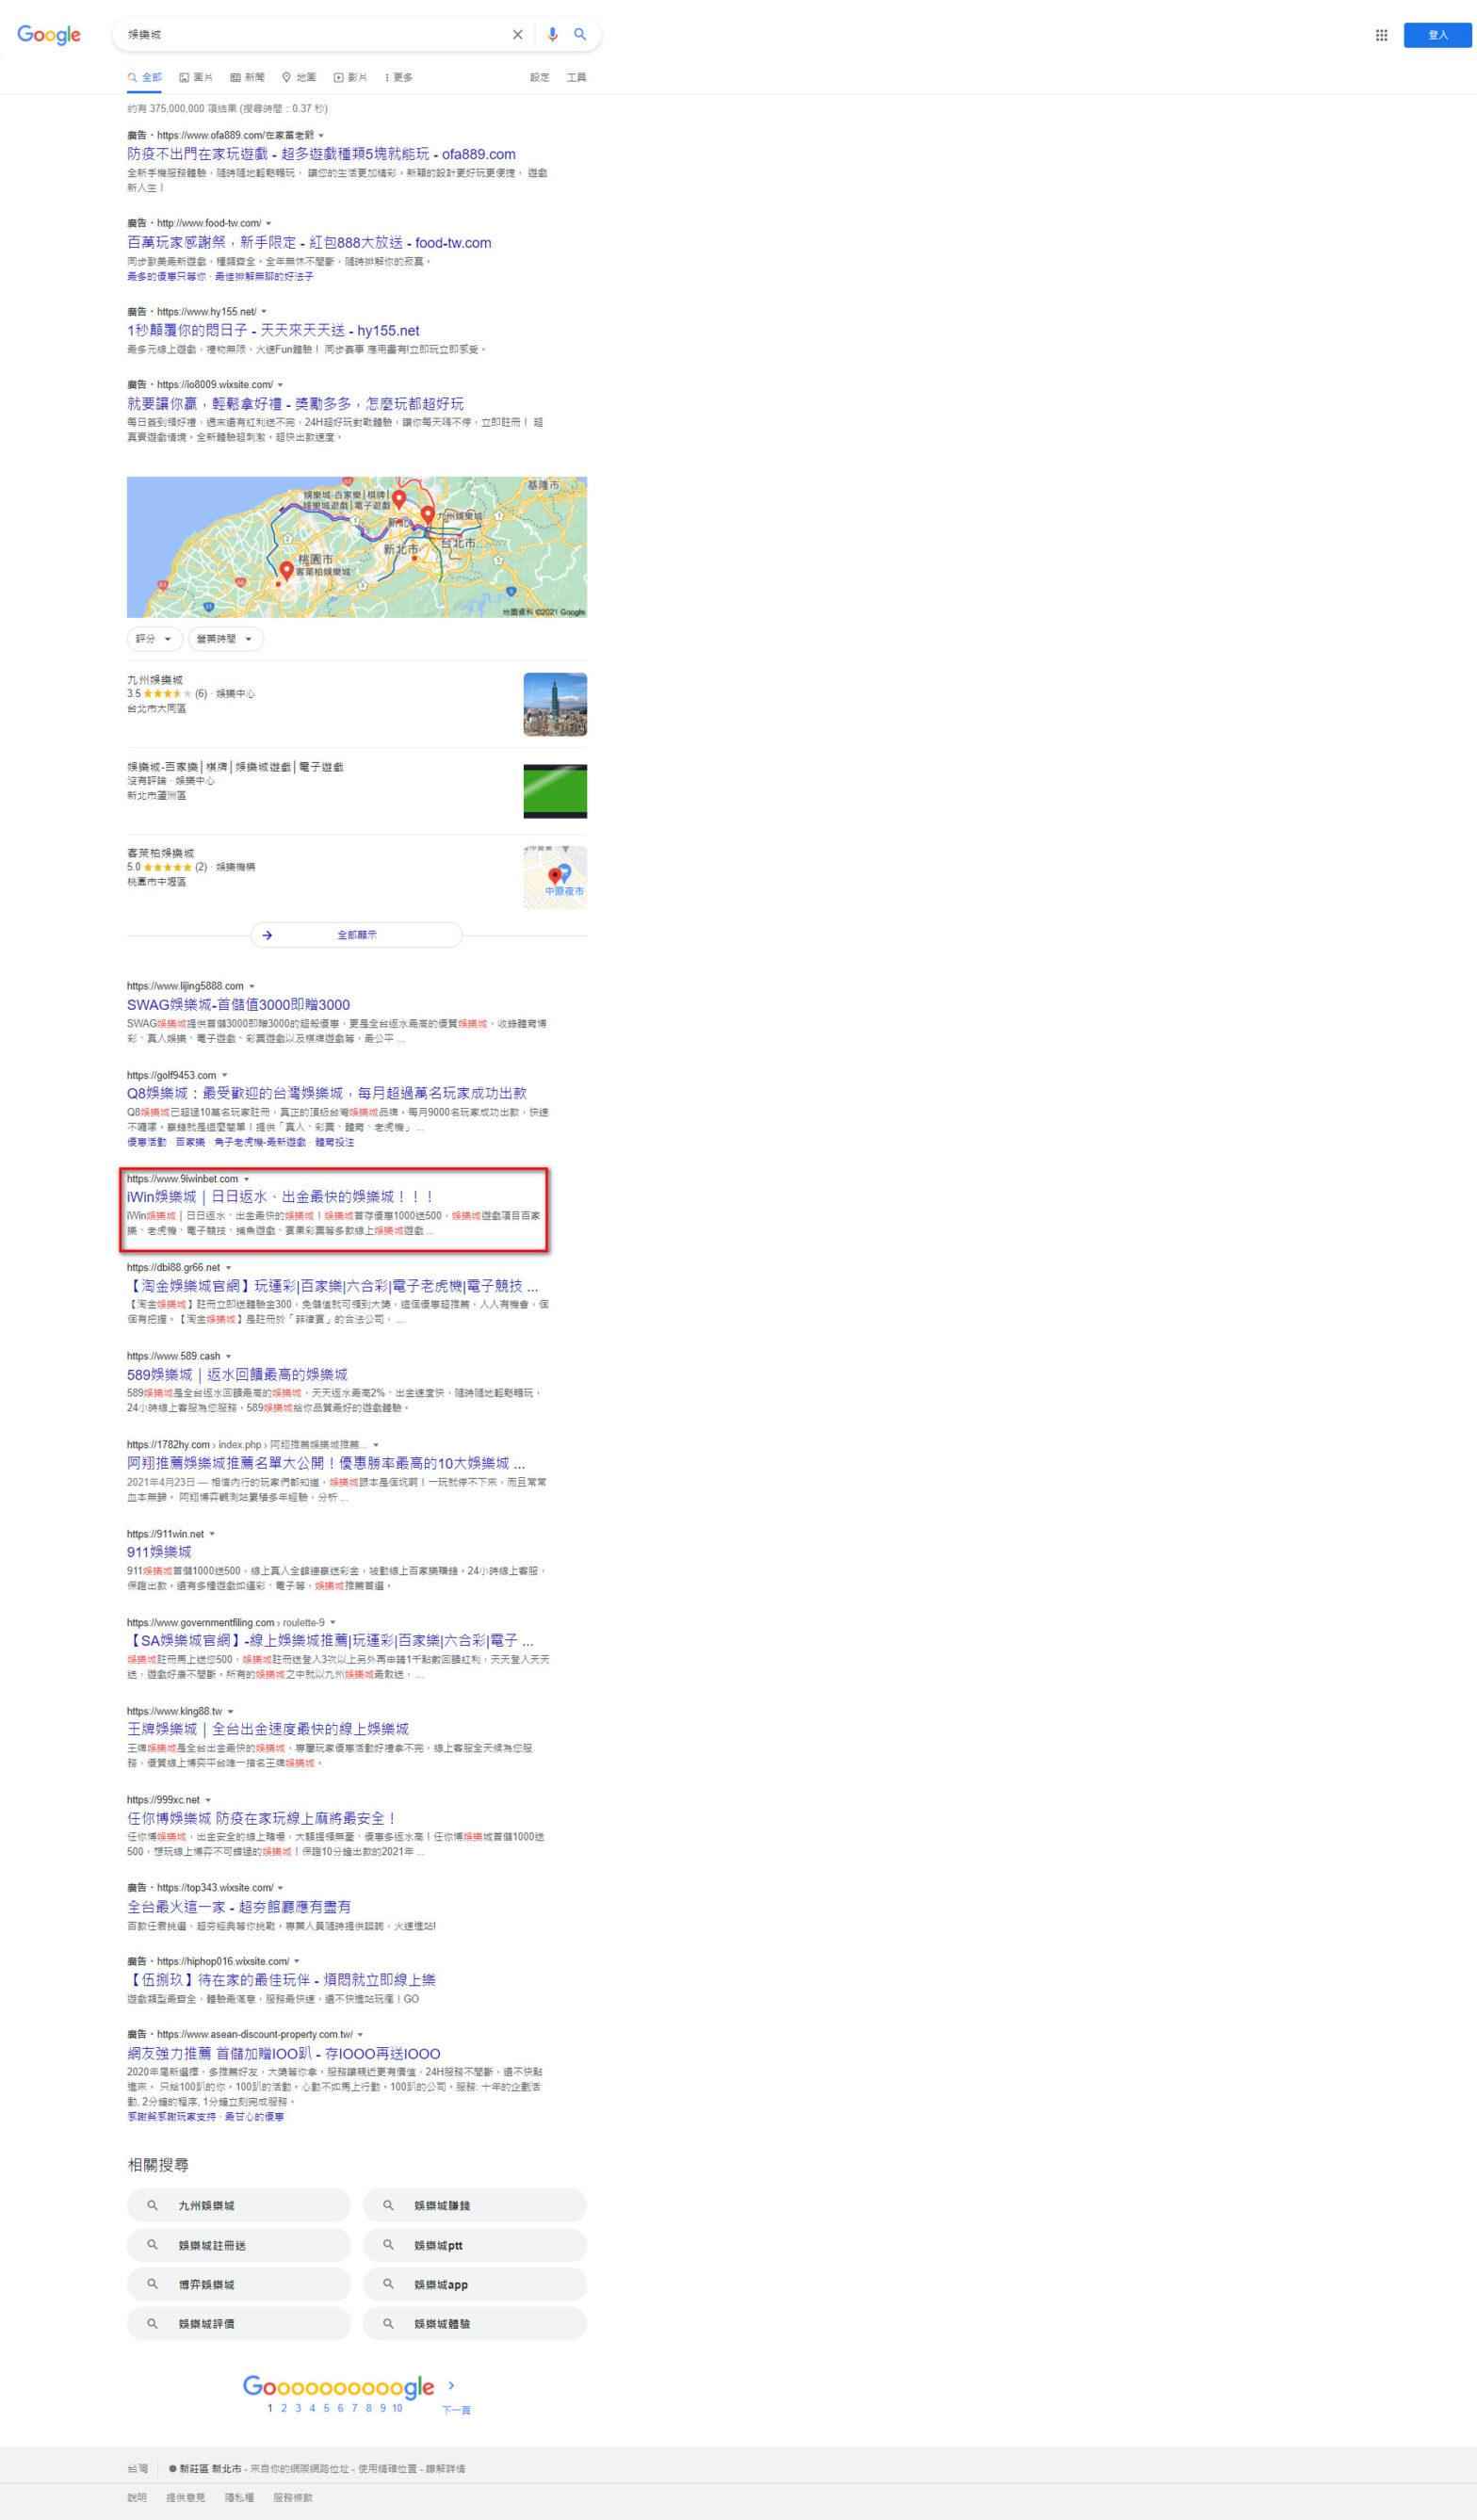 iwin娛樂城,iwin百家樂,百家樂,娛樂城,SEO百家樂,SEO娛樂城,百家樂行銷,娛樂城行銷,